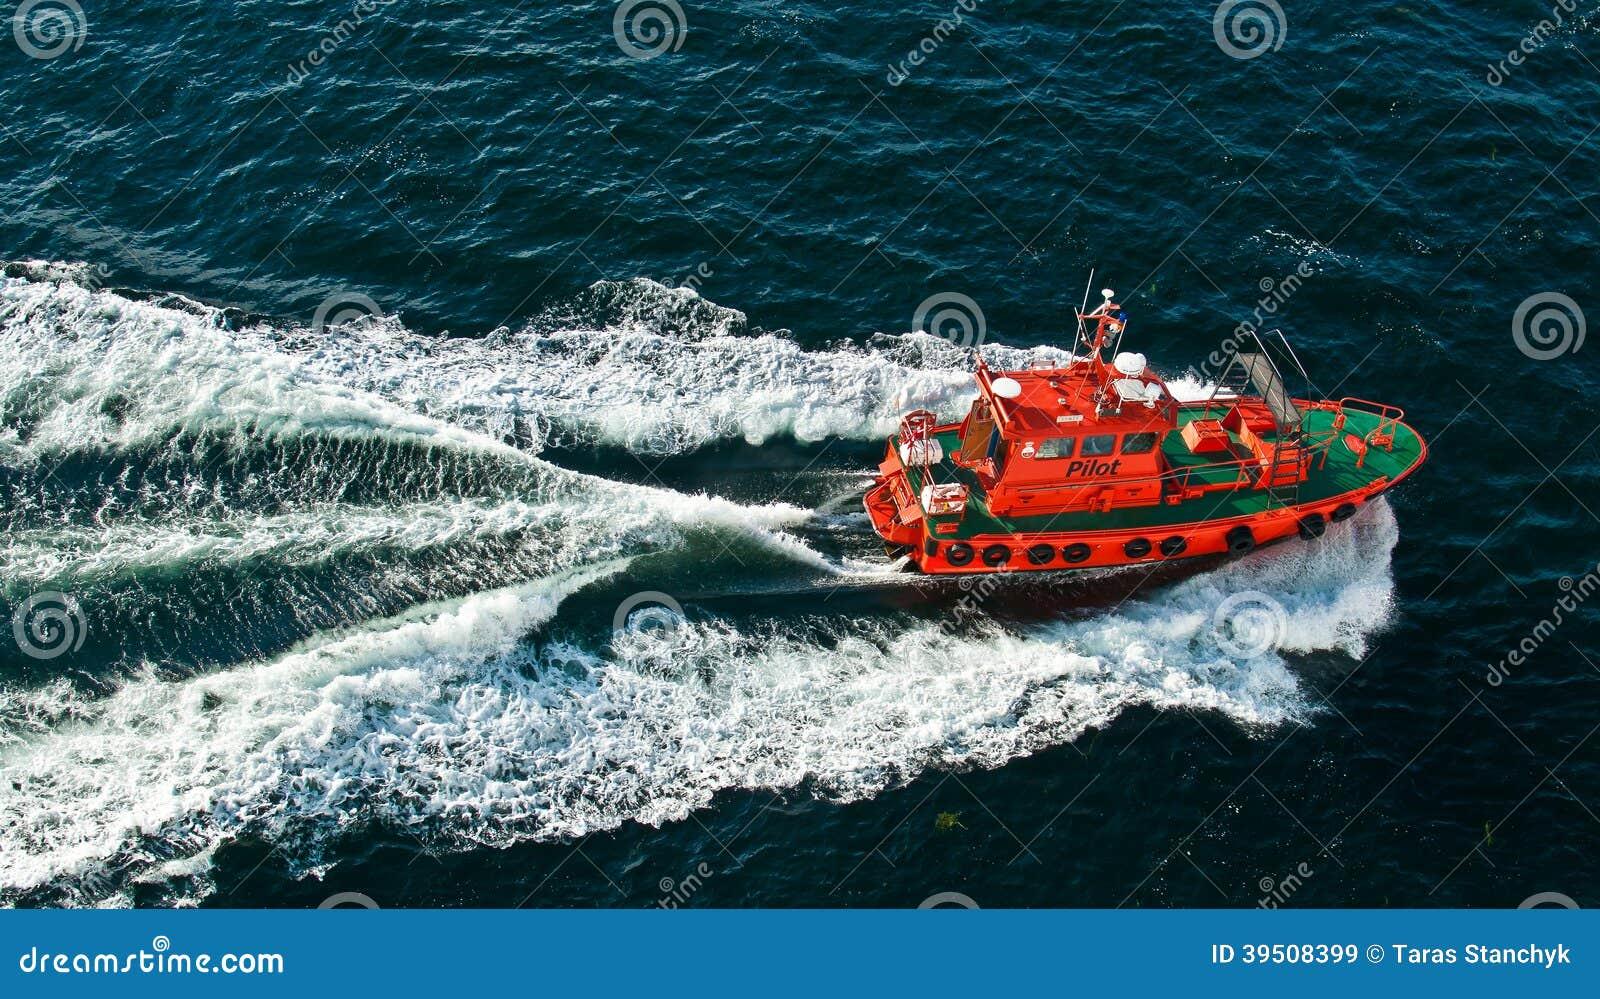 Navigation pilot ship